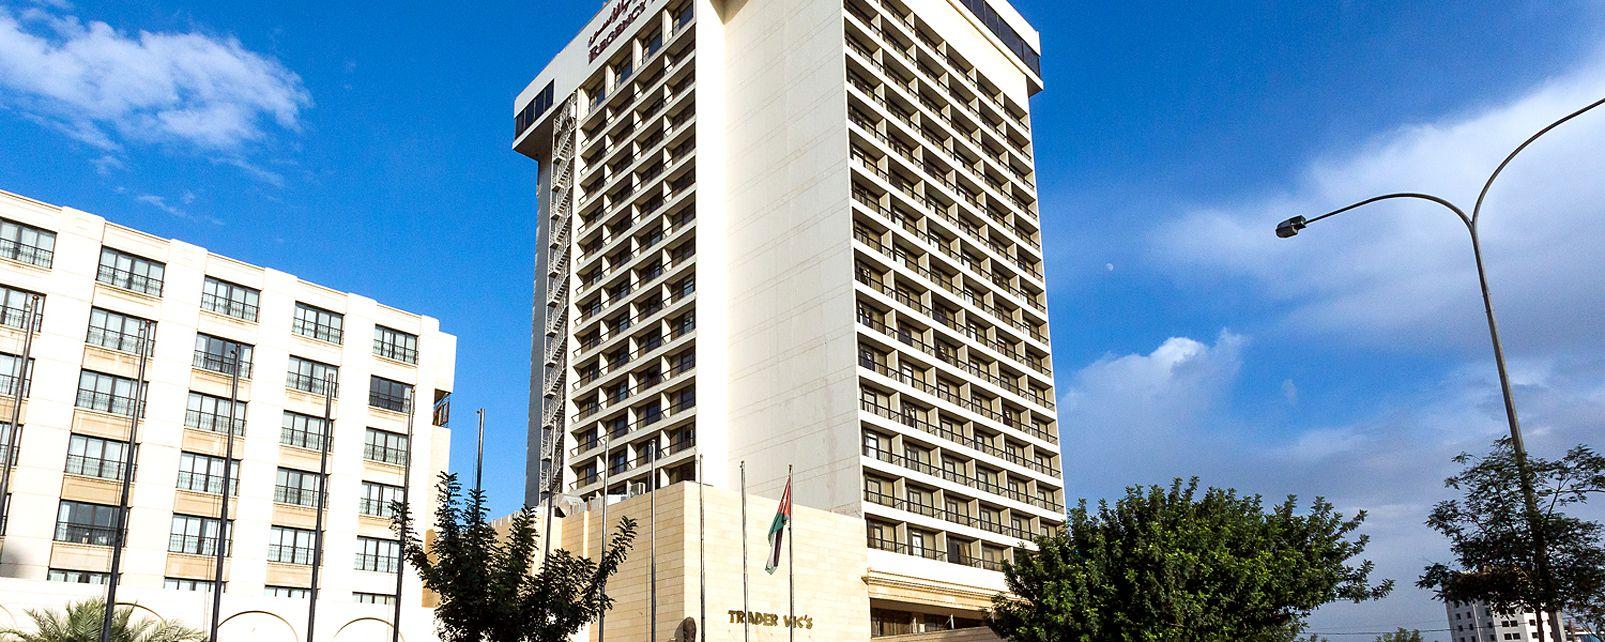 Hotel Regency Palace Hotel Amman